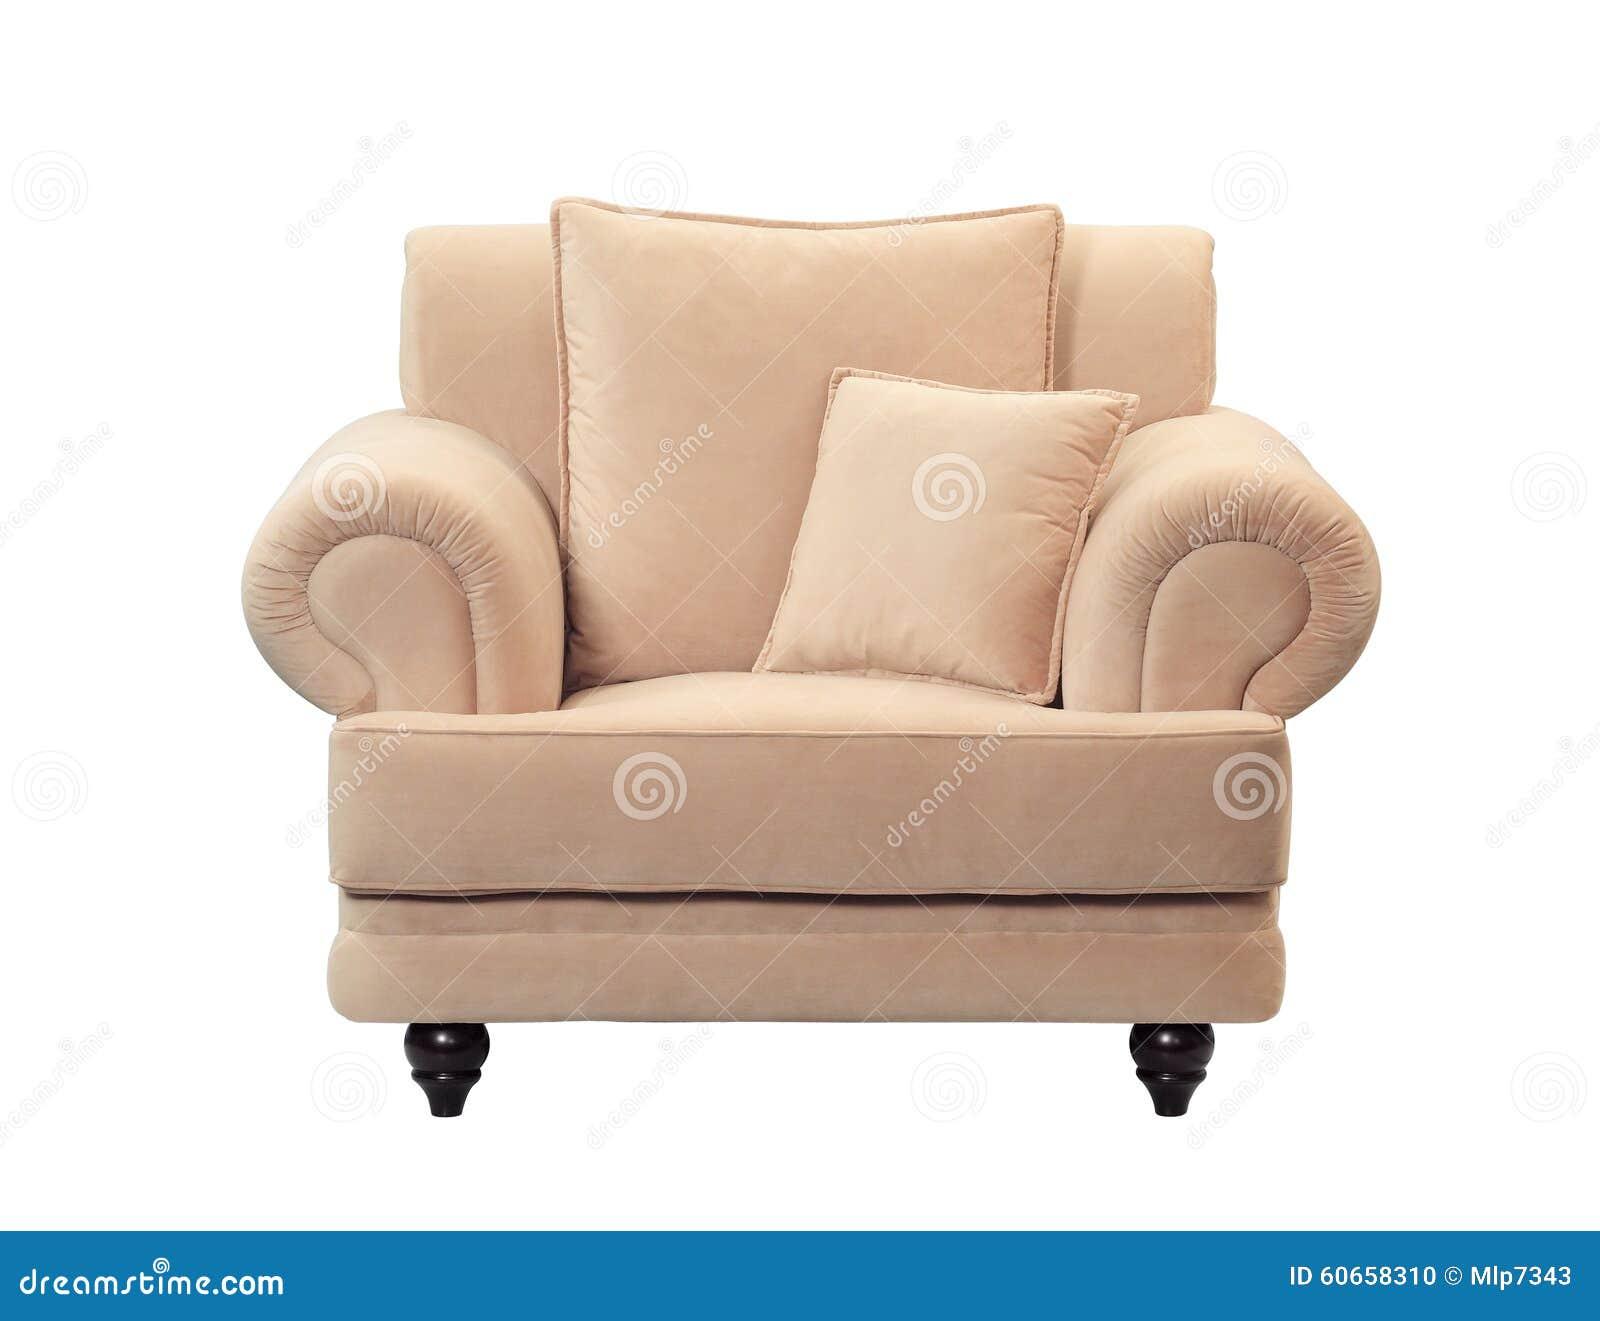 modernes sofa stockfoto bild von elegant beil ufig. Black Bedroom Furniture Sets. Home Design Ideas